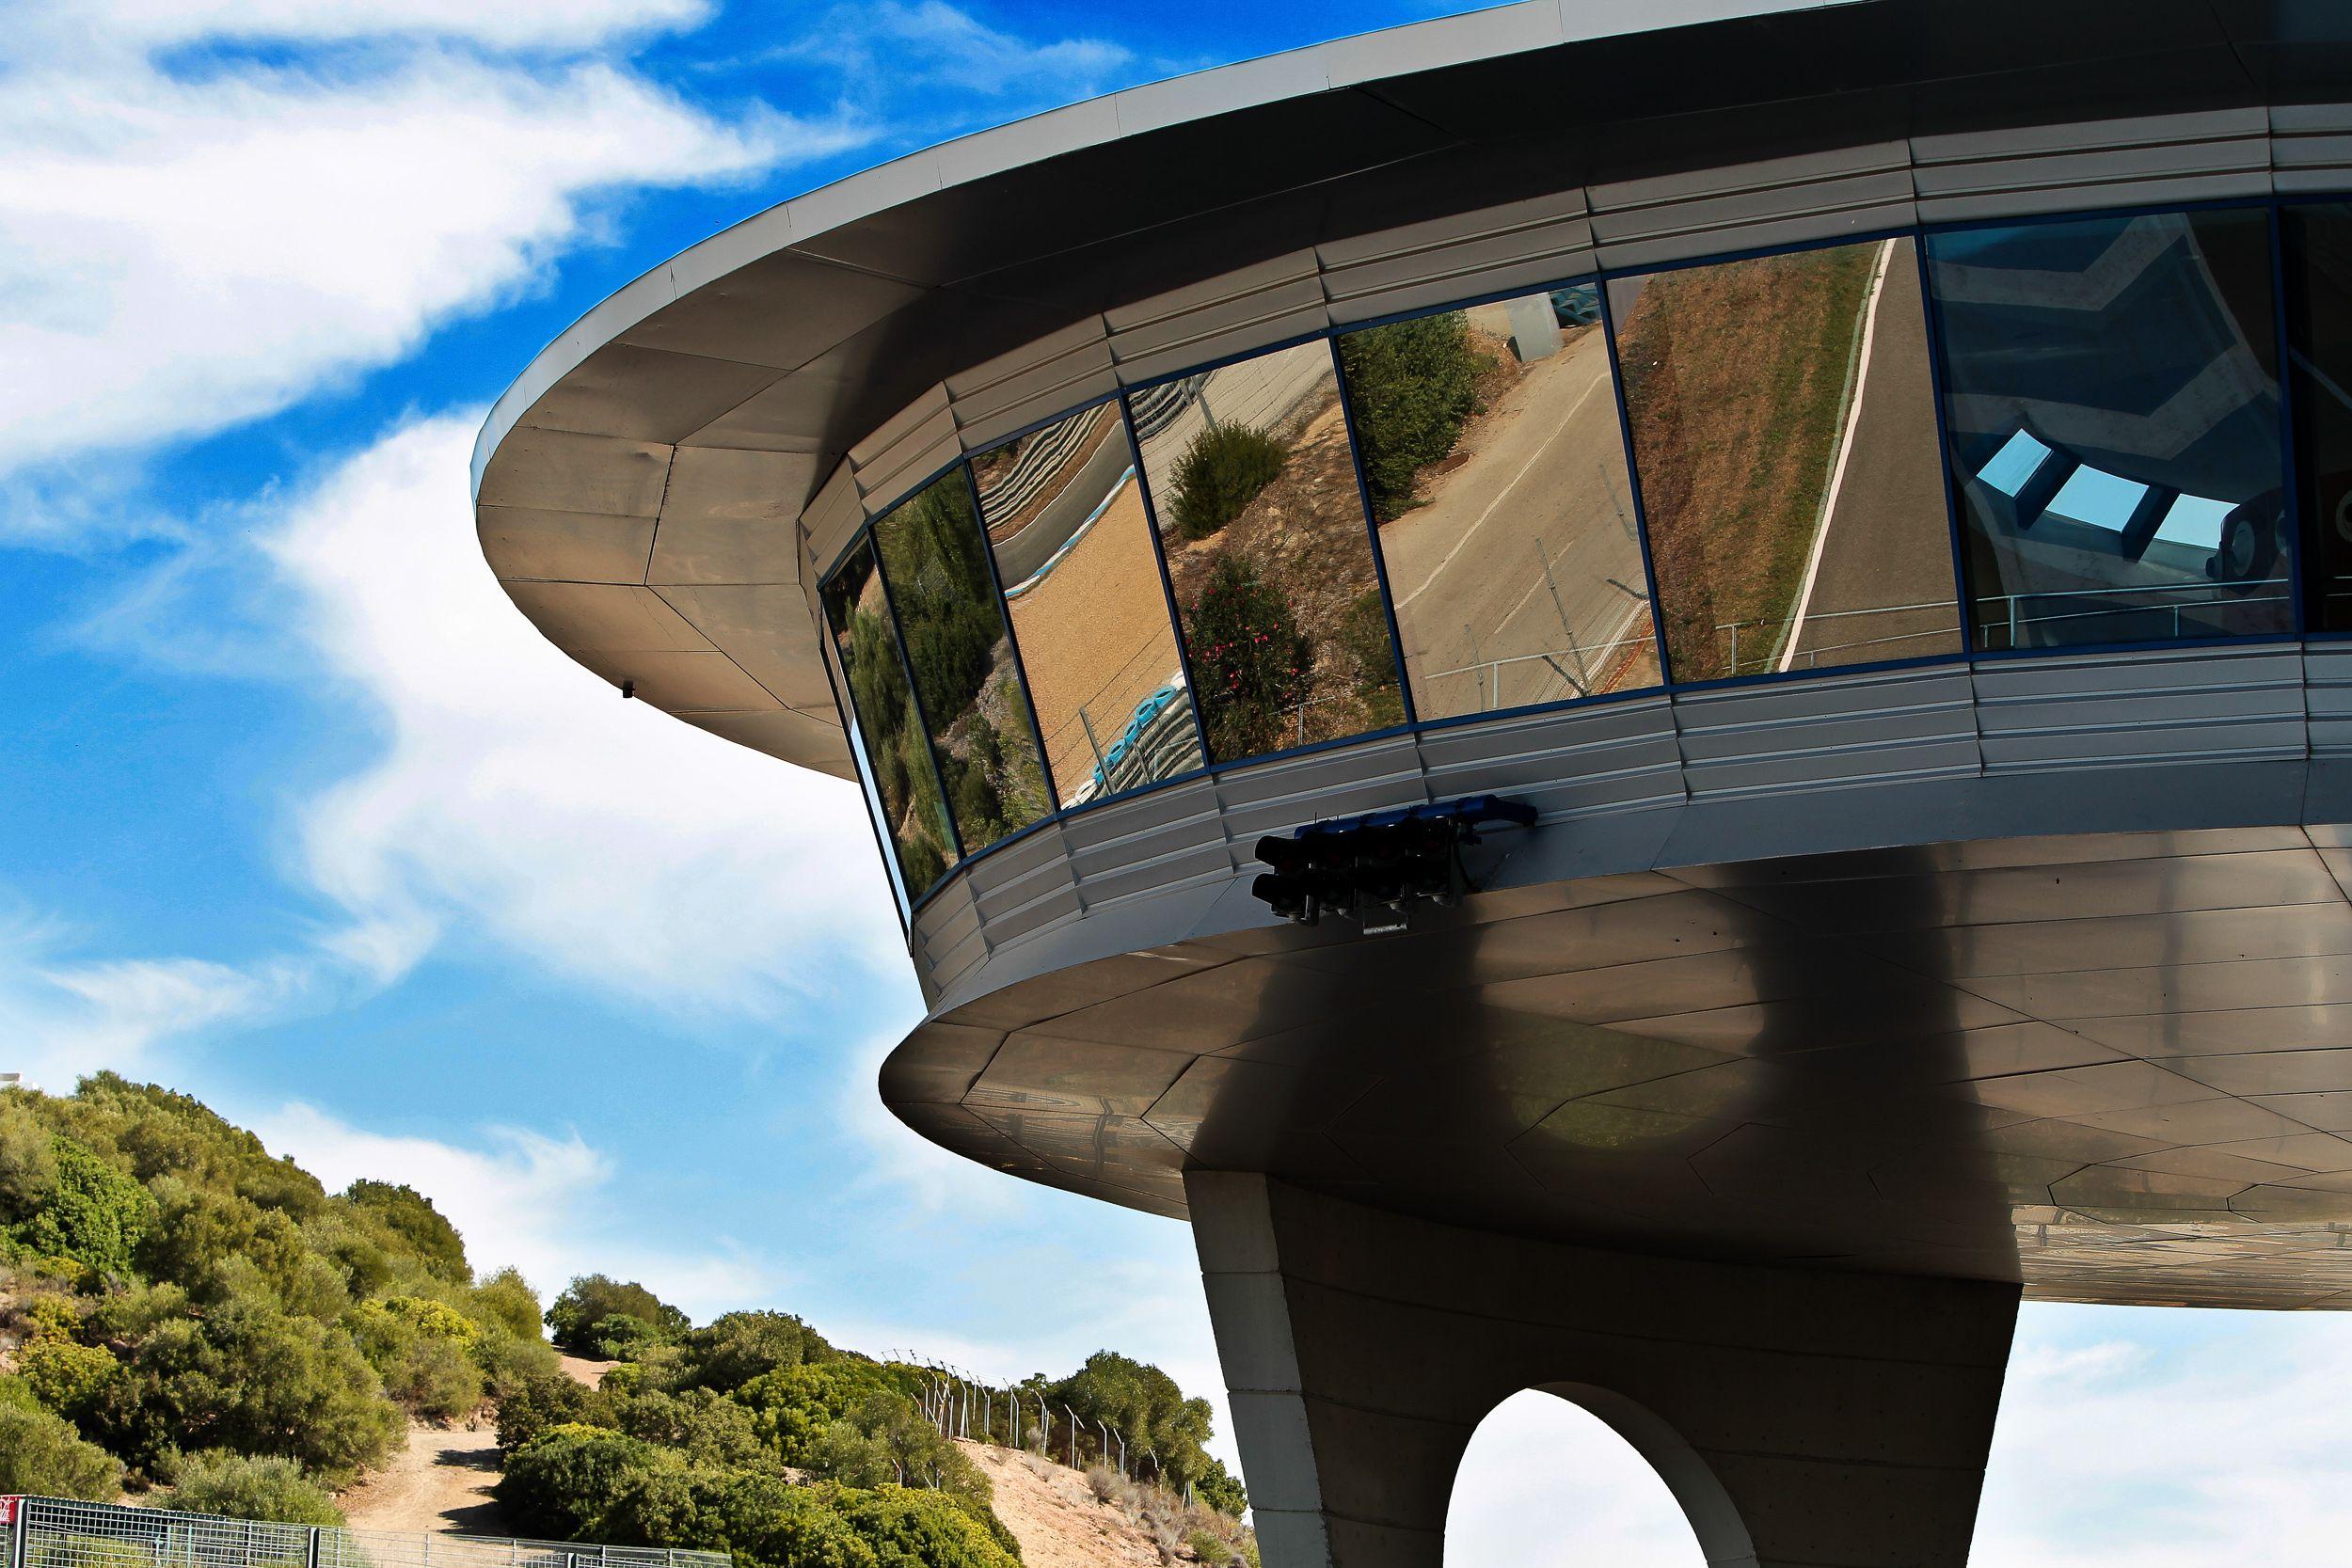 Circuito de Jerez, Andalusia, Spain